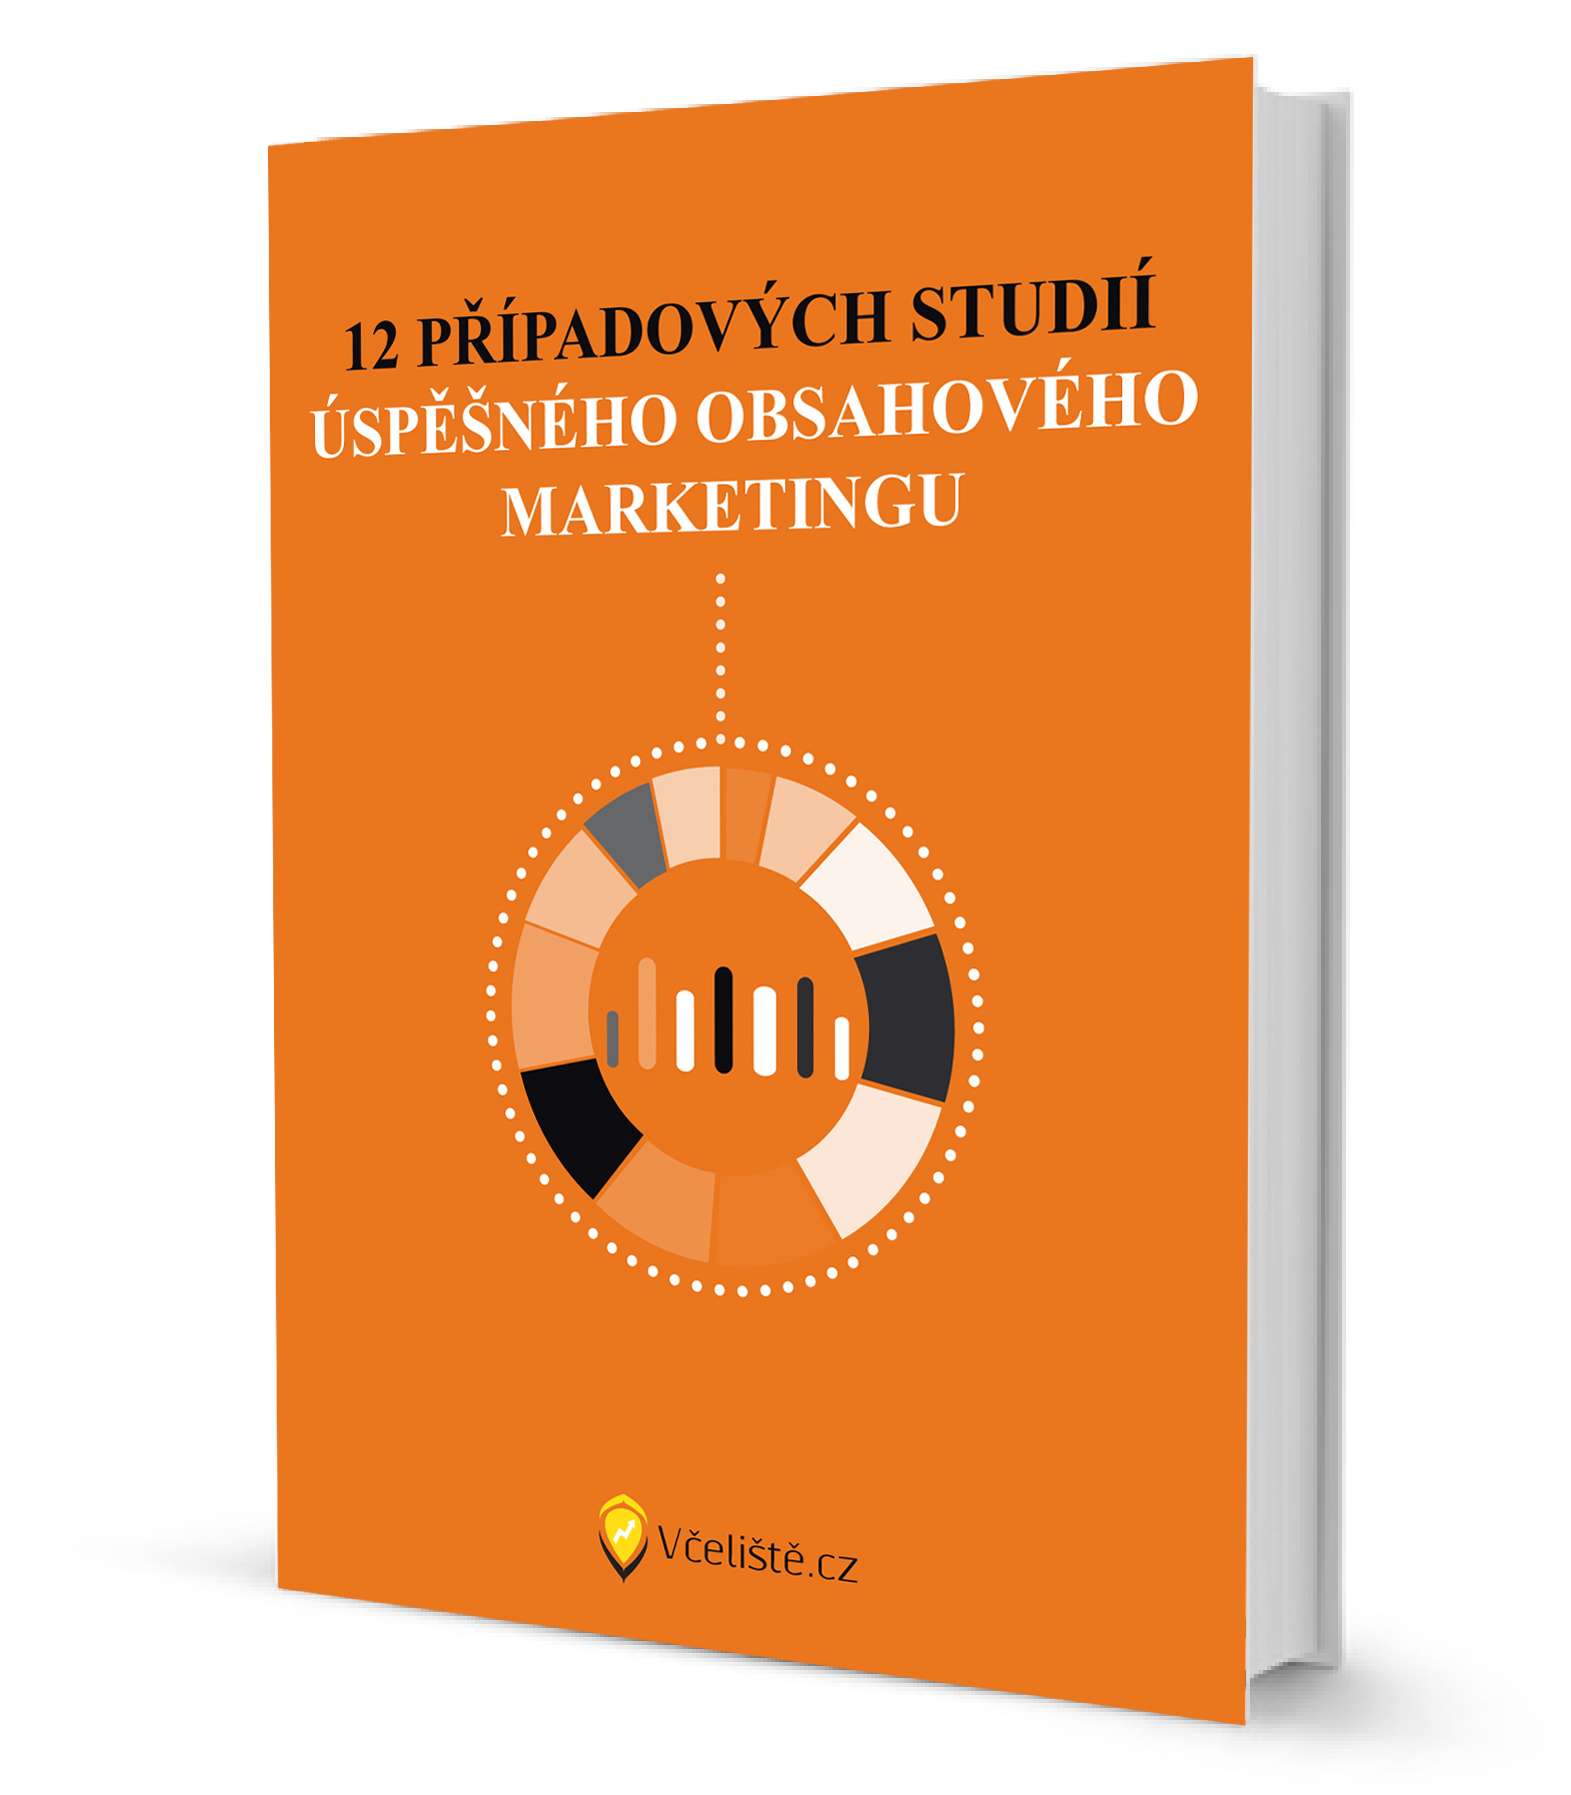 12 případových studií úspěšného obsahového marketingu